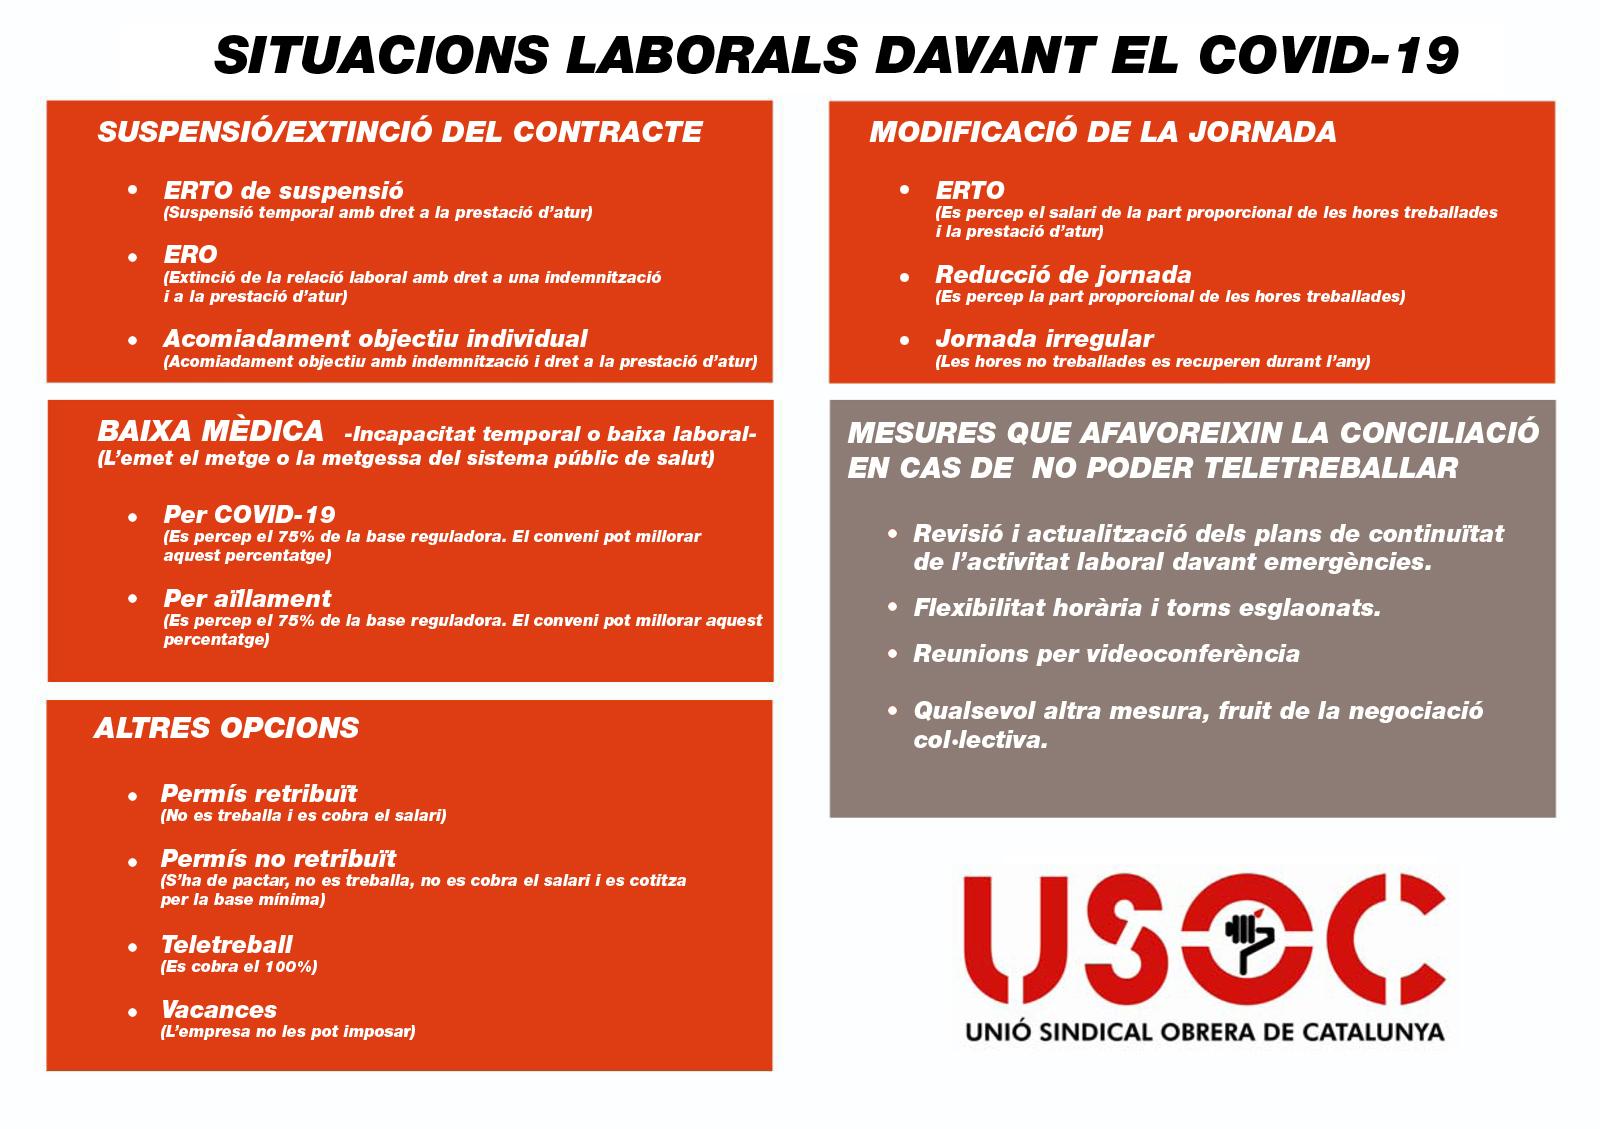 Situacions laborals davant el COVID-19